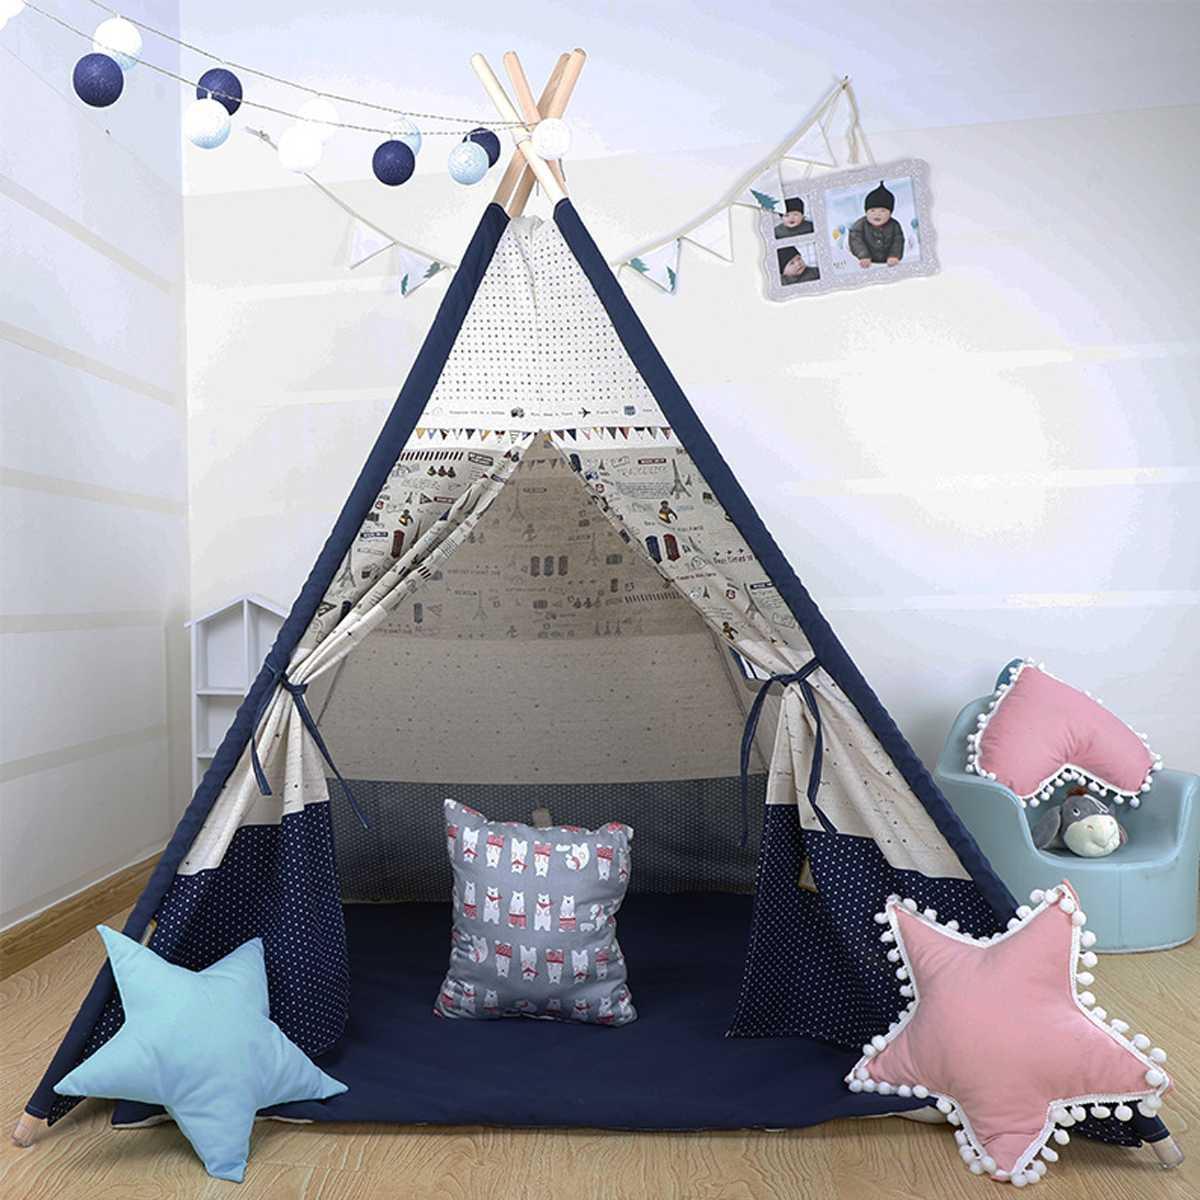 1200x1200x1600mm grande tente de tipi enfants toile maison semblant jouer en plein air intérieur enfant cadeaux de noël